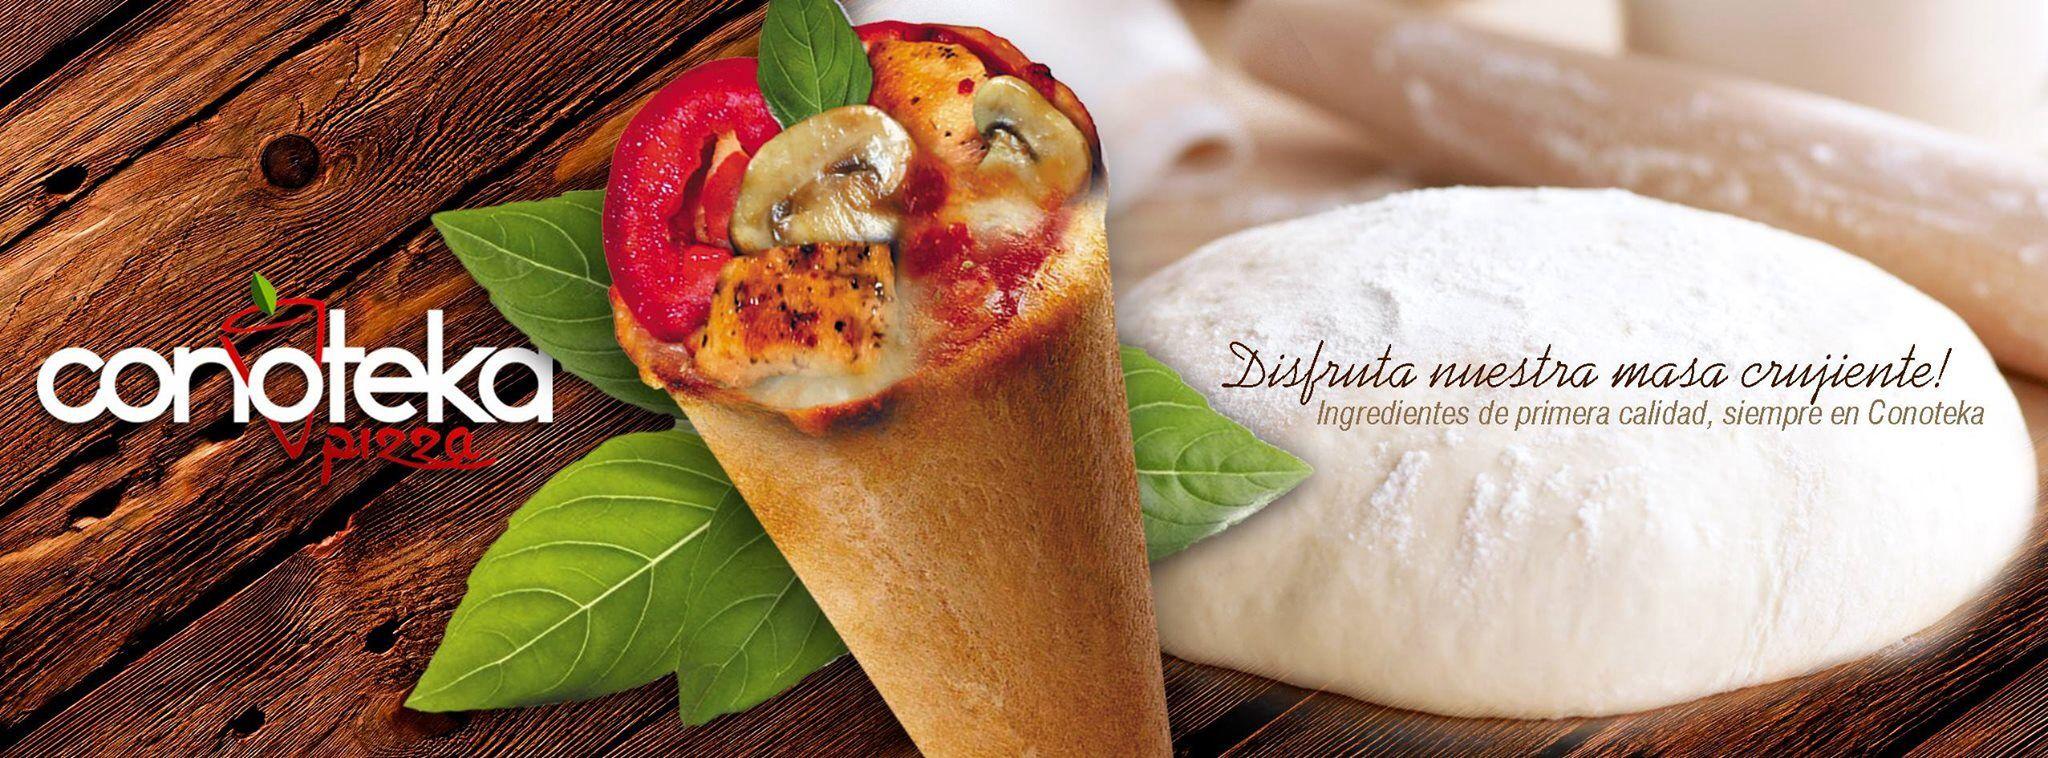 Conoteka Pizza... riquísimos!!!